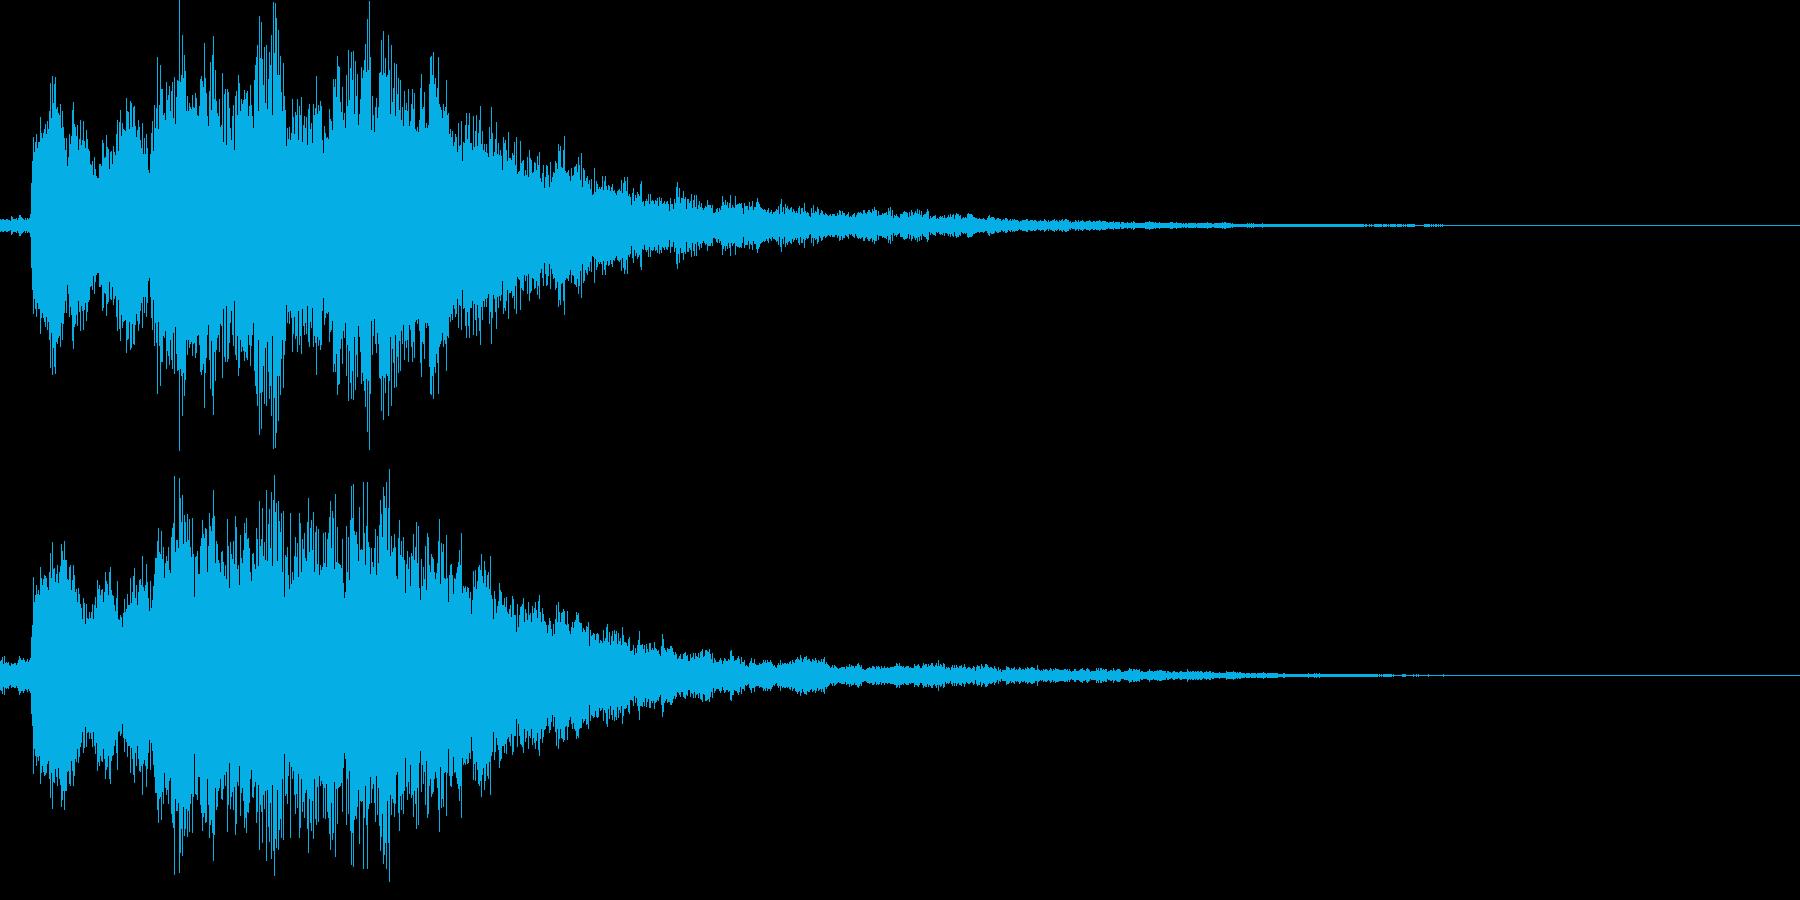 決定音(可愛らしい音)の再生済みの波形